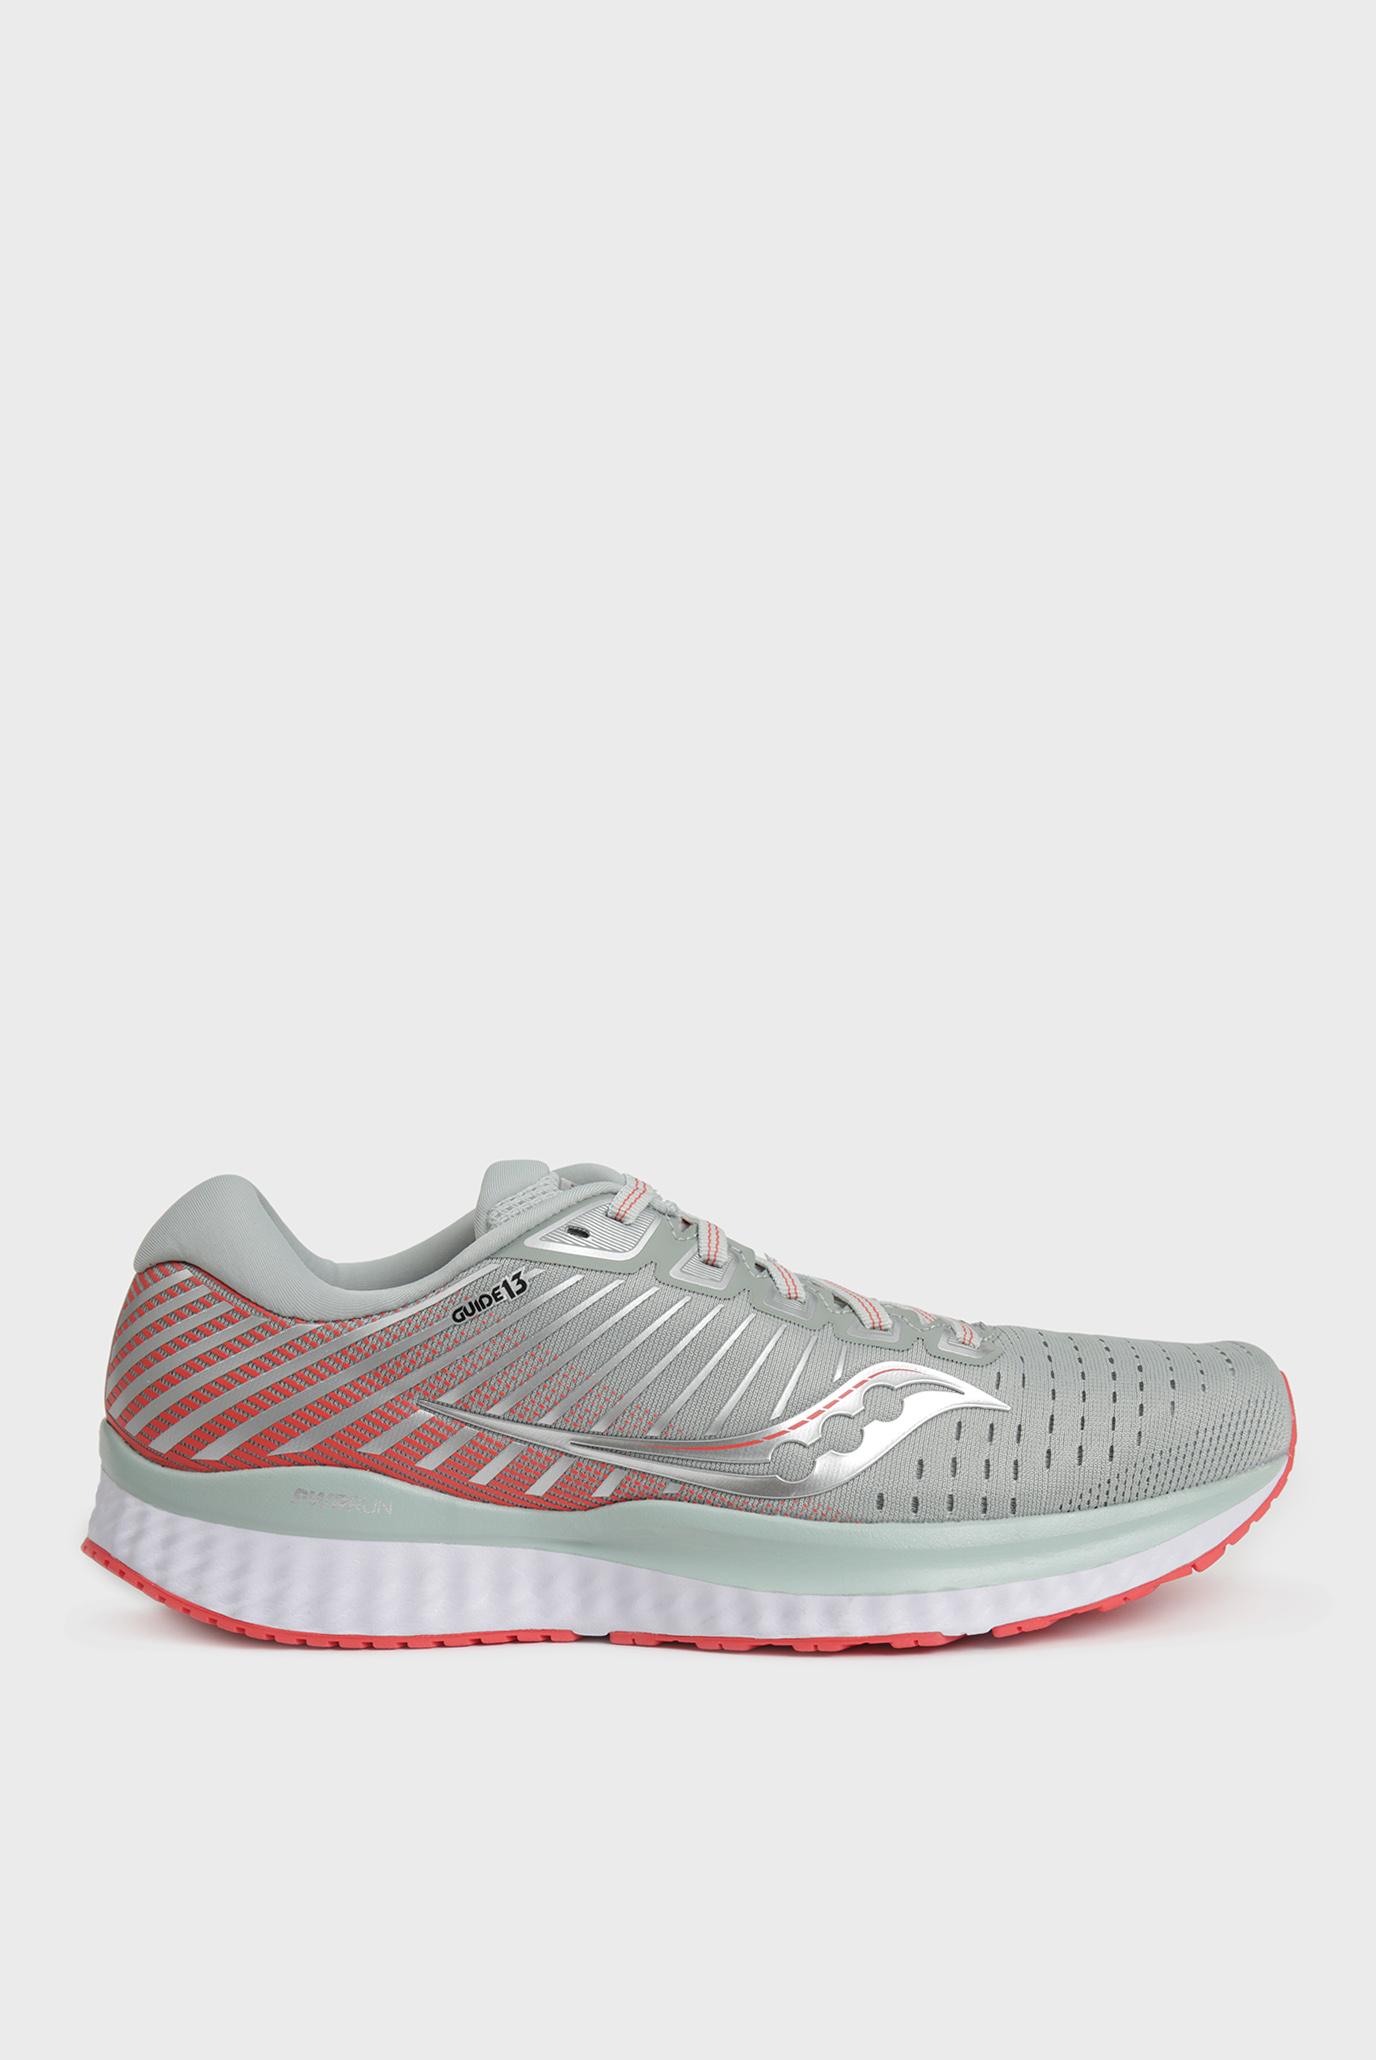 Кросівки  жіночі Saucony 10548-45s модне взуття, 2017